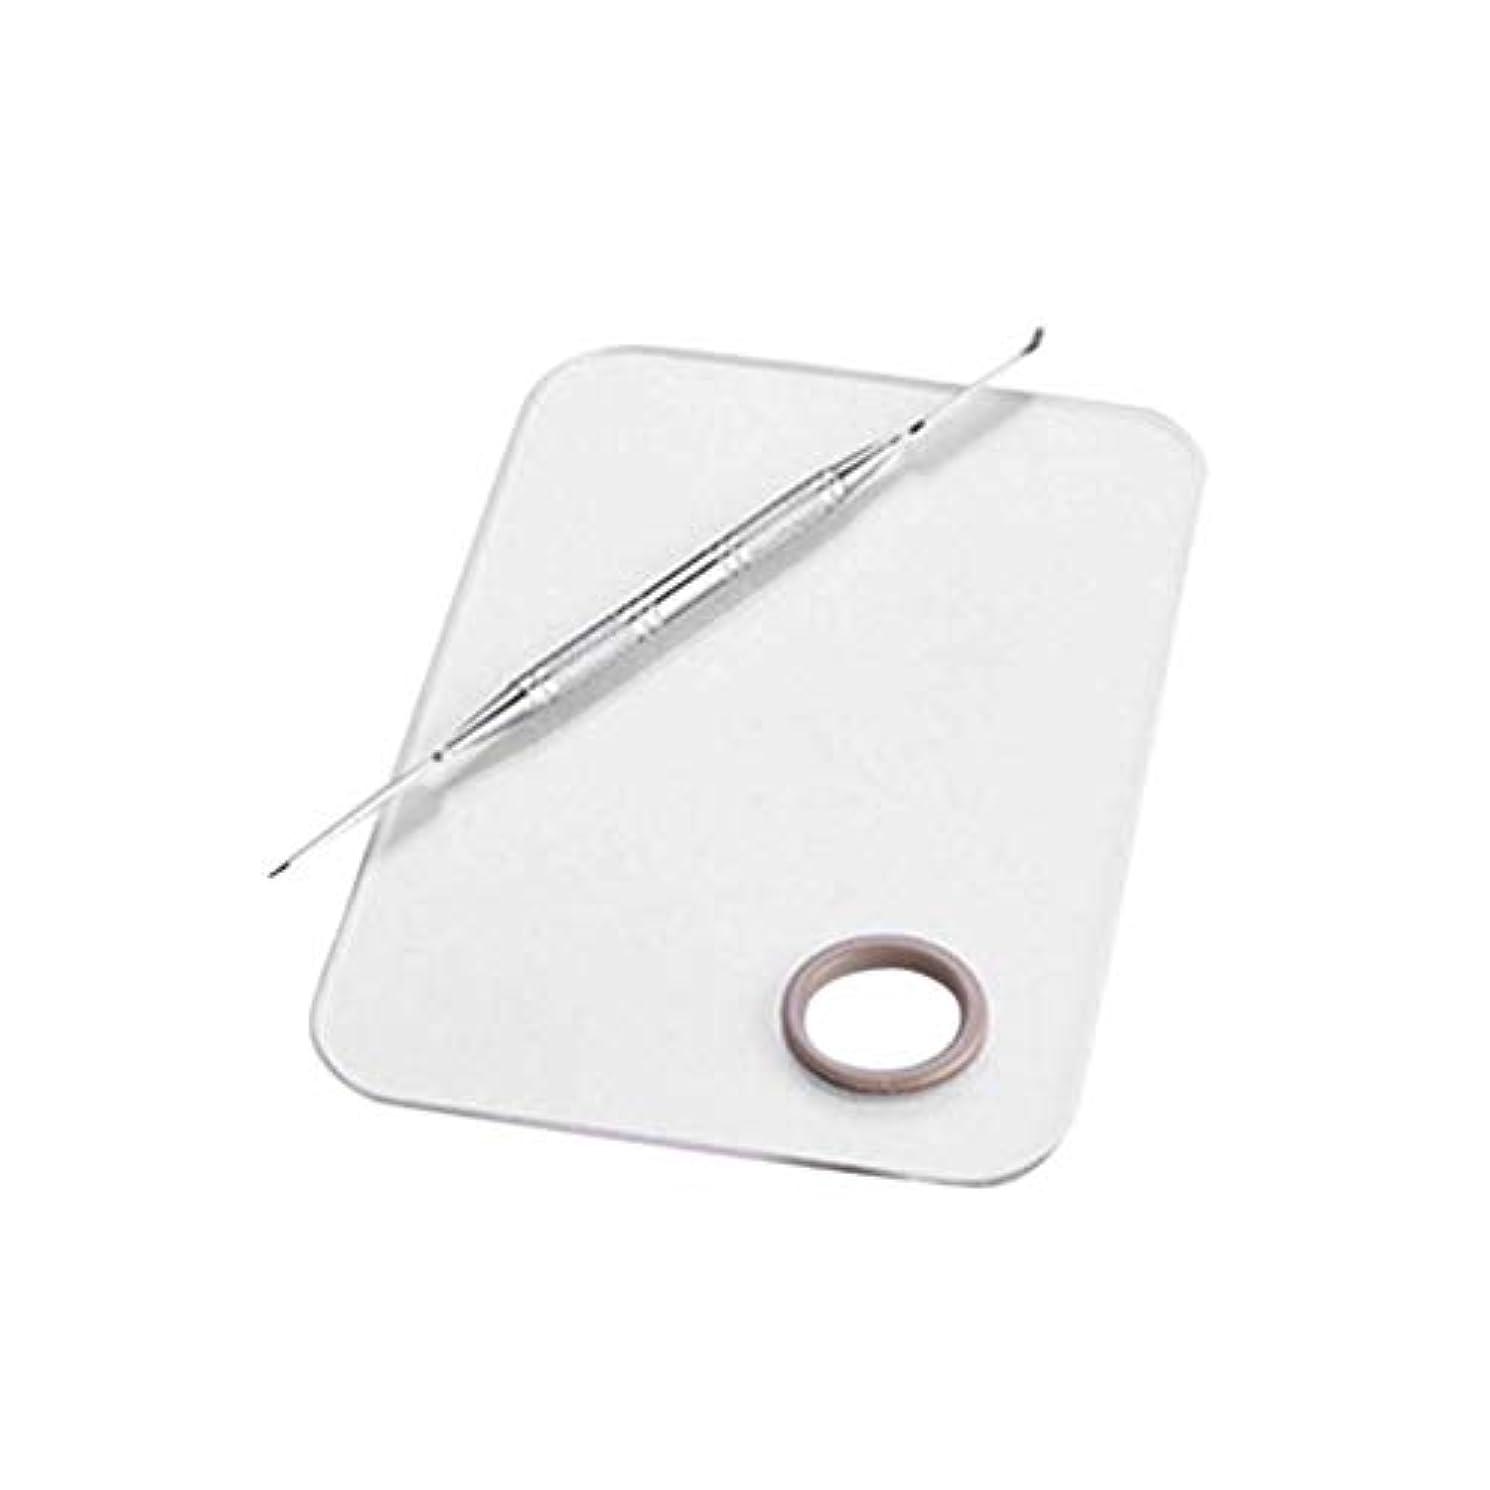 取り出すルームしかしながらサロンマニキュアカラーパレットは、ツールのステンレス鋼板をメイクアップパレット化粧品をミキシングクリームファンデーションをメイク